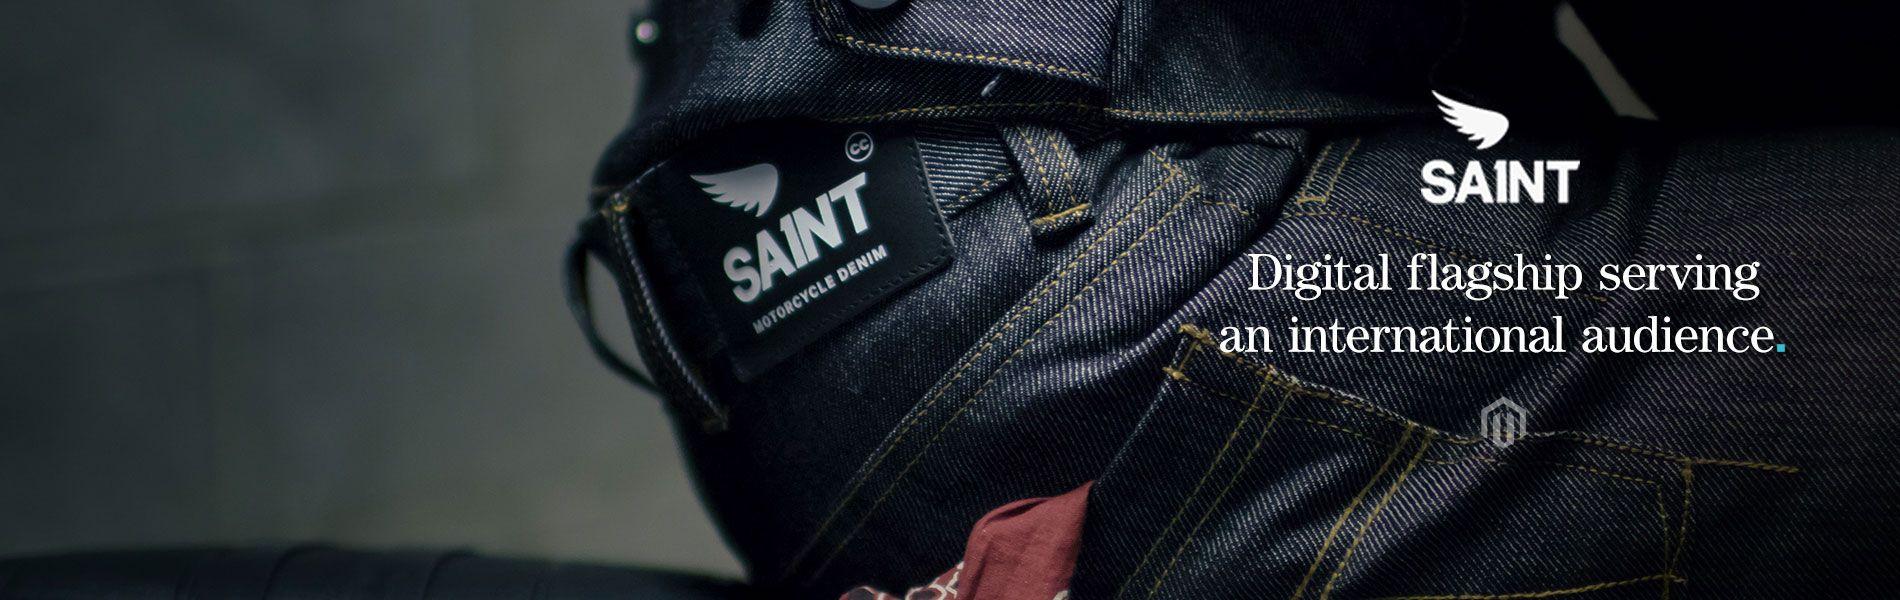 Project: Saint